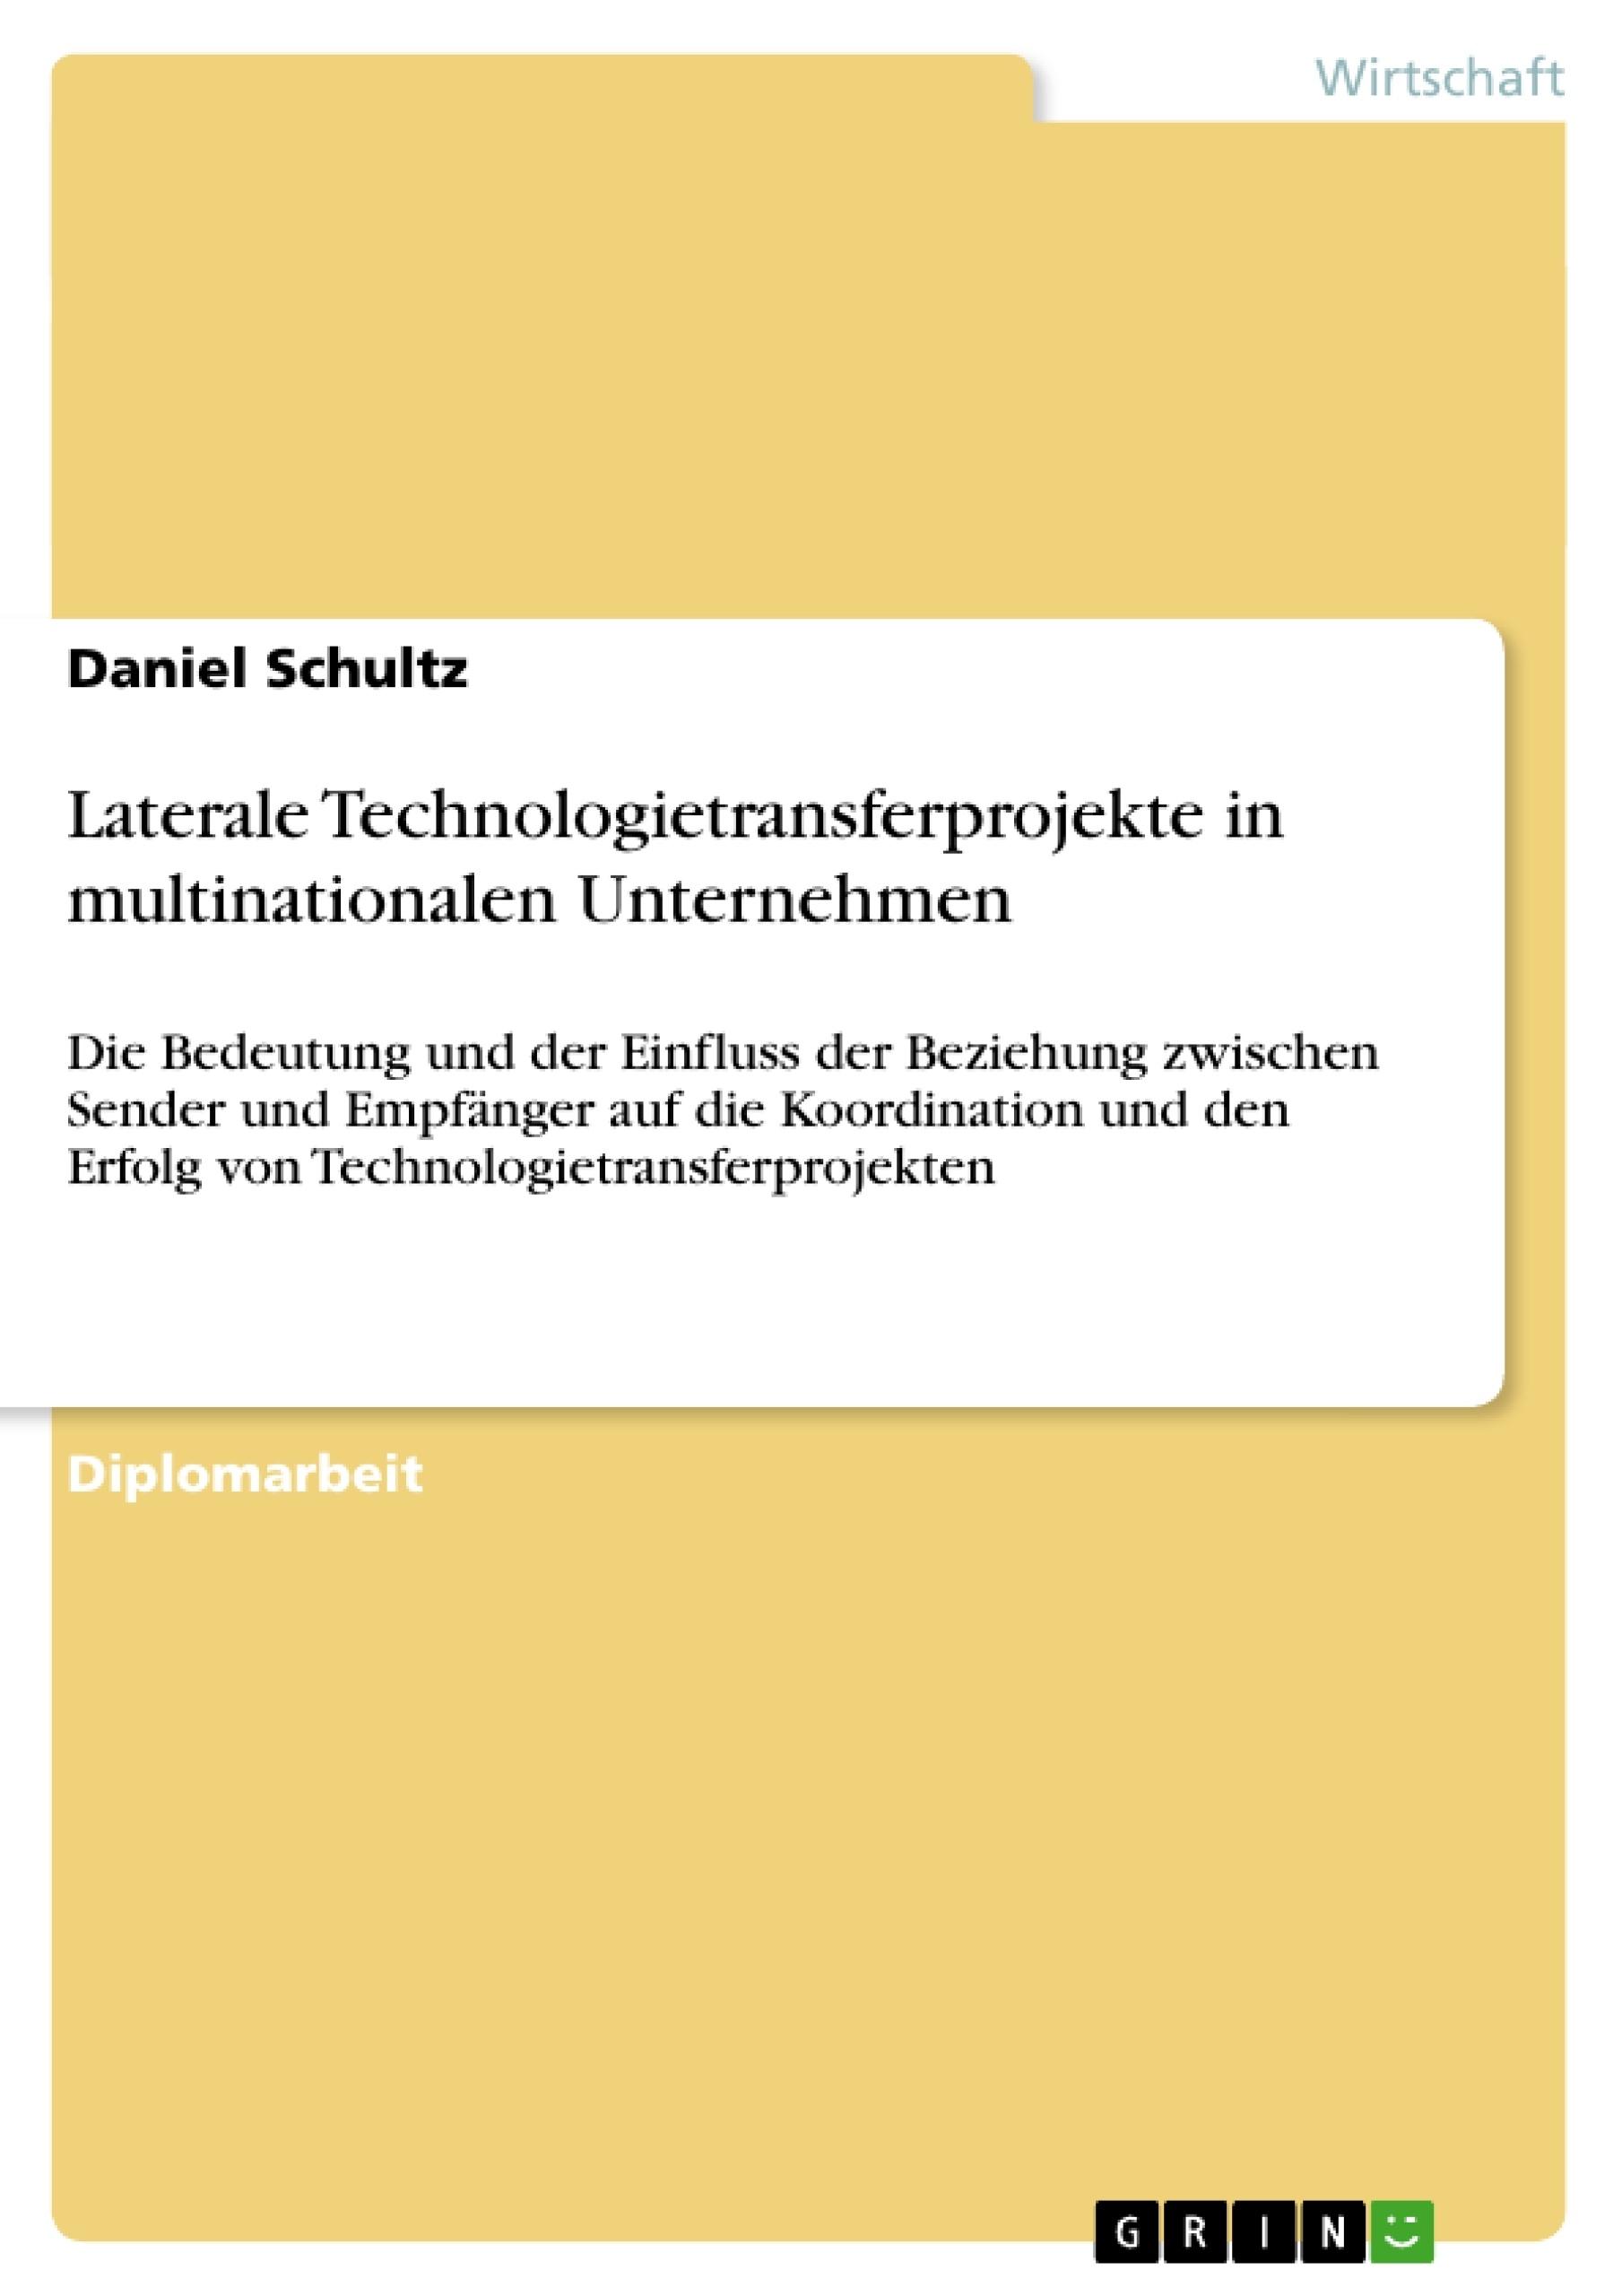 Titel: Laterale Technologietransferprojekte in multinationalen Unternehmen